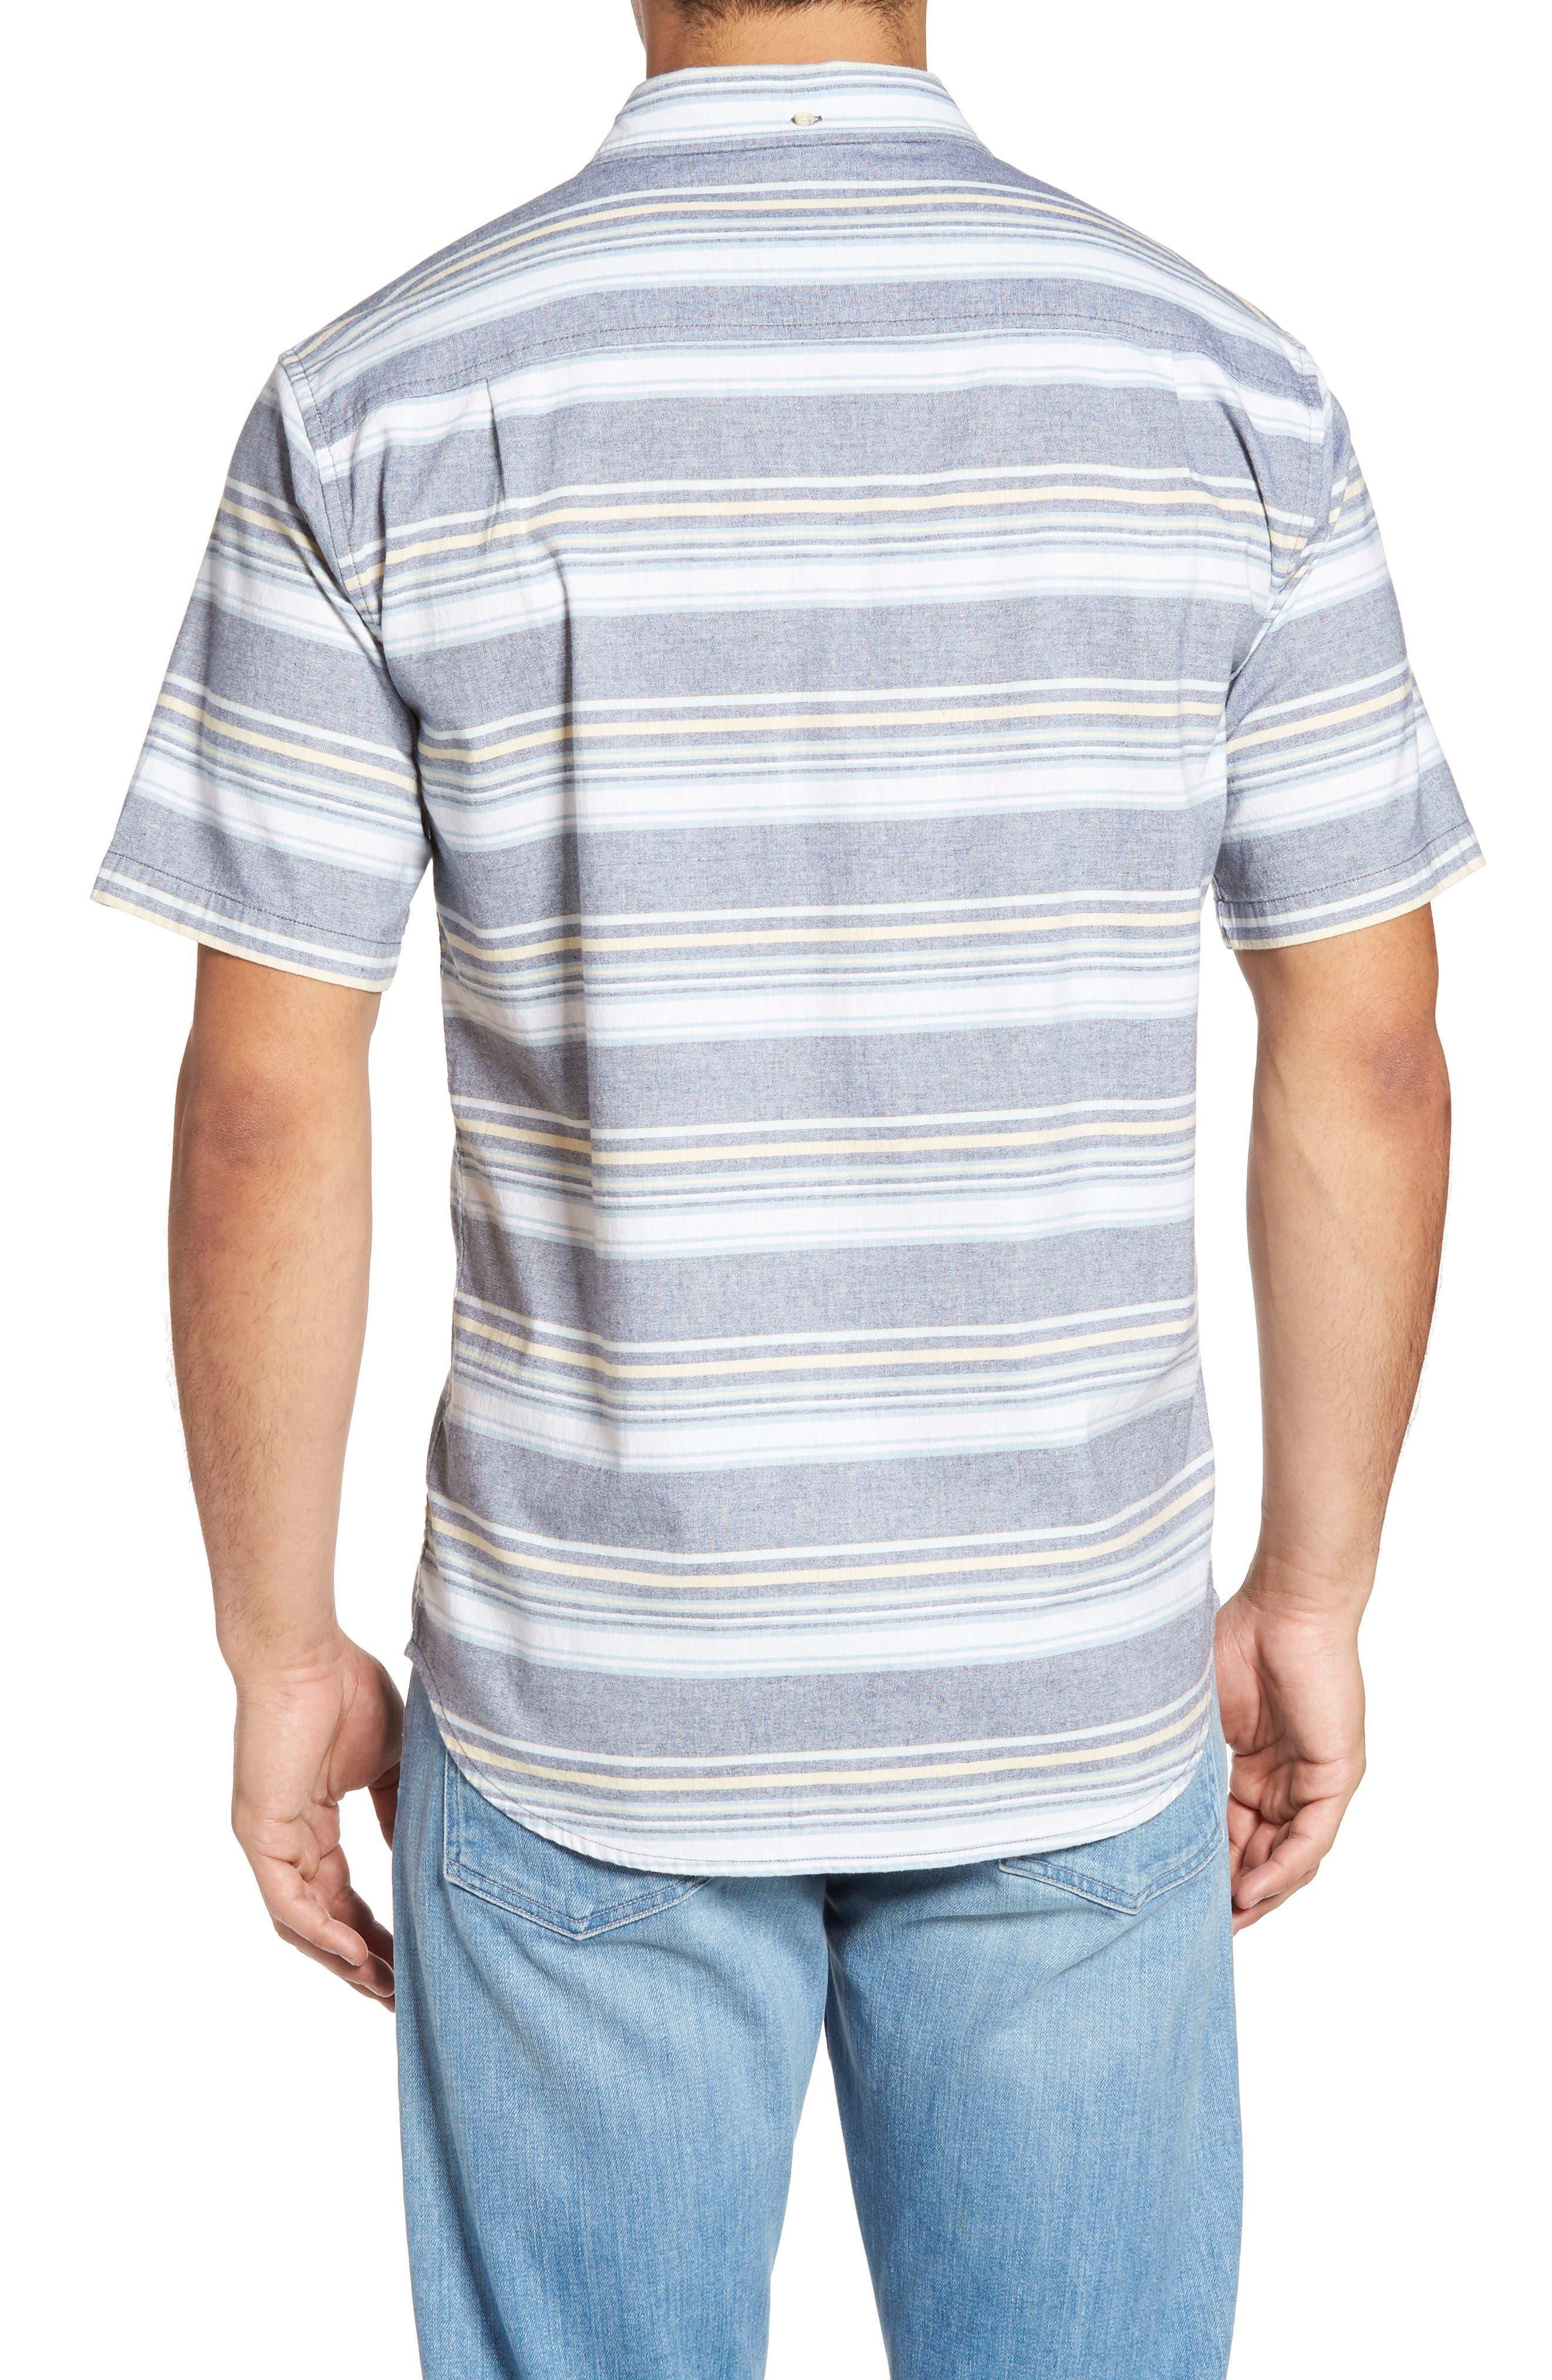 Alternate Image 2  - Jack O'Neill Pura Vida Sport Shirt